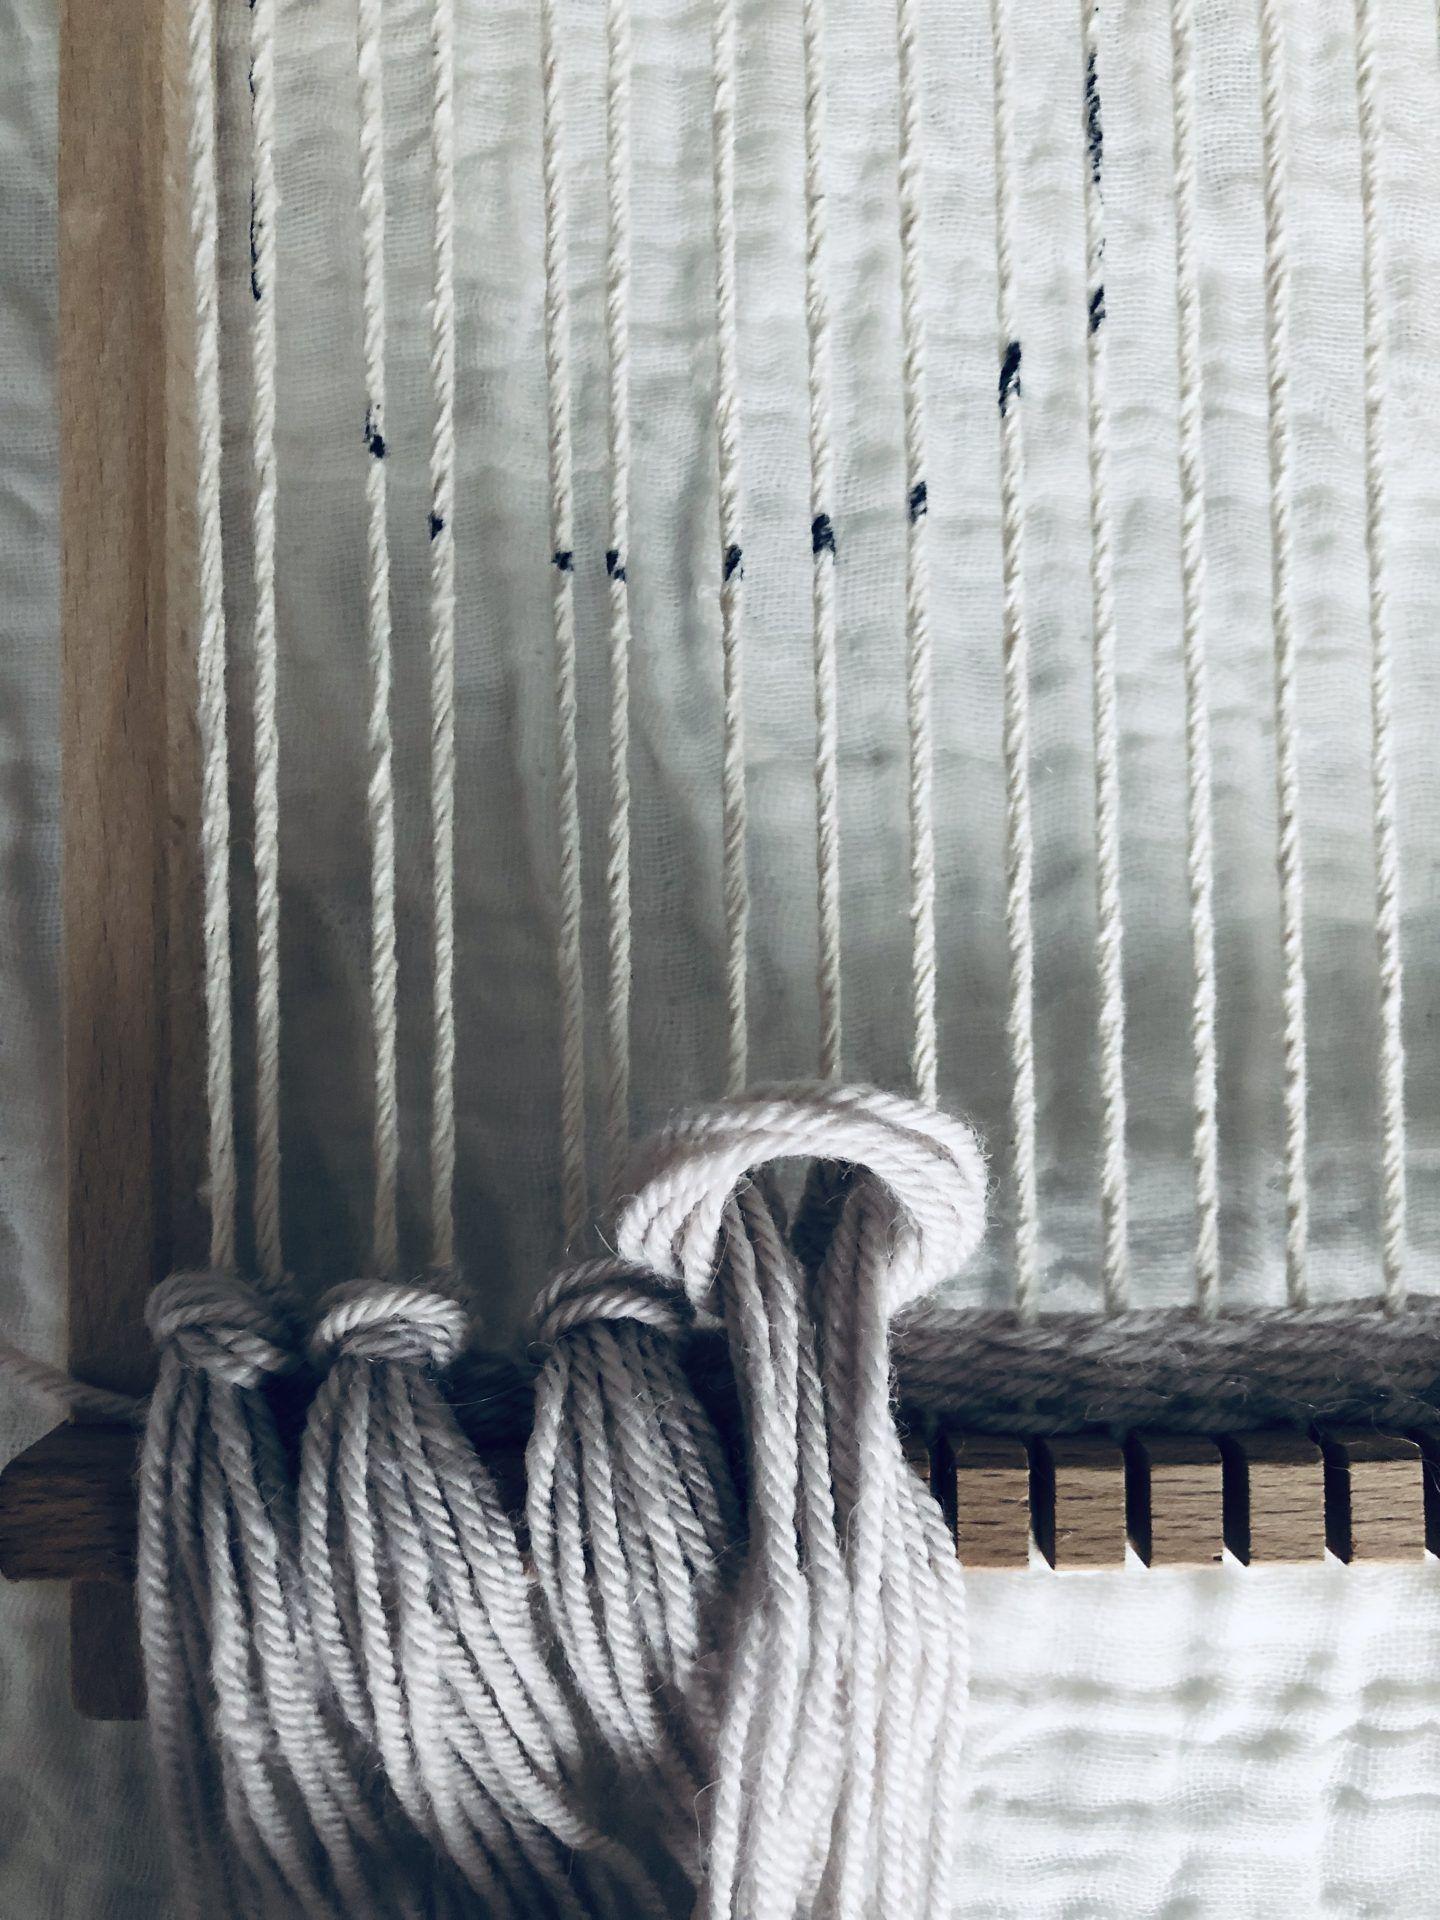 DIY Woven Wall Hanging   Circle Design Using a Weaving Loom – Zharzi